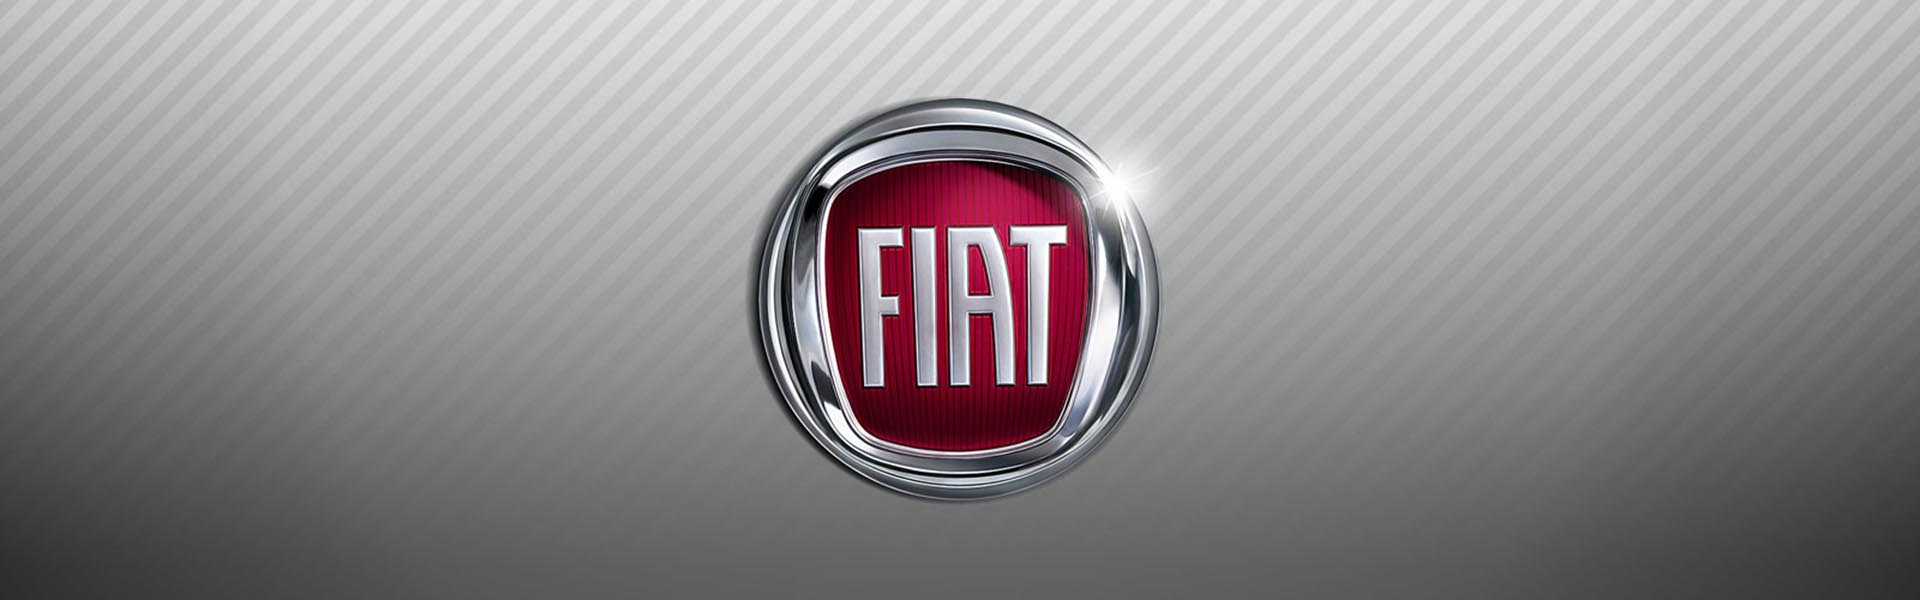 fiat_logo_wallpaper-normal